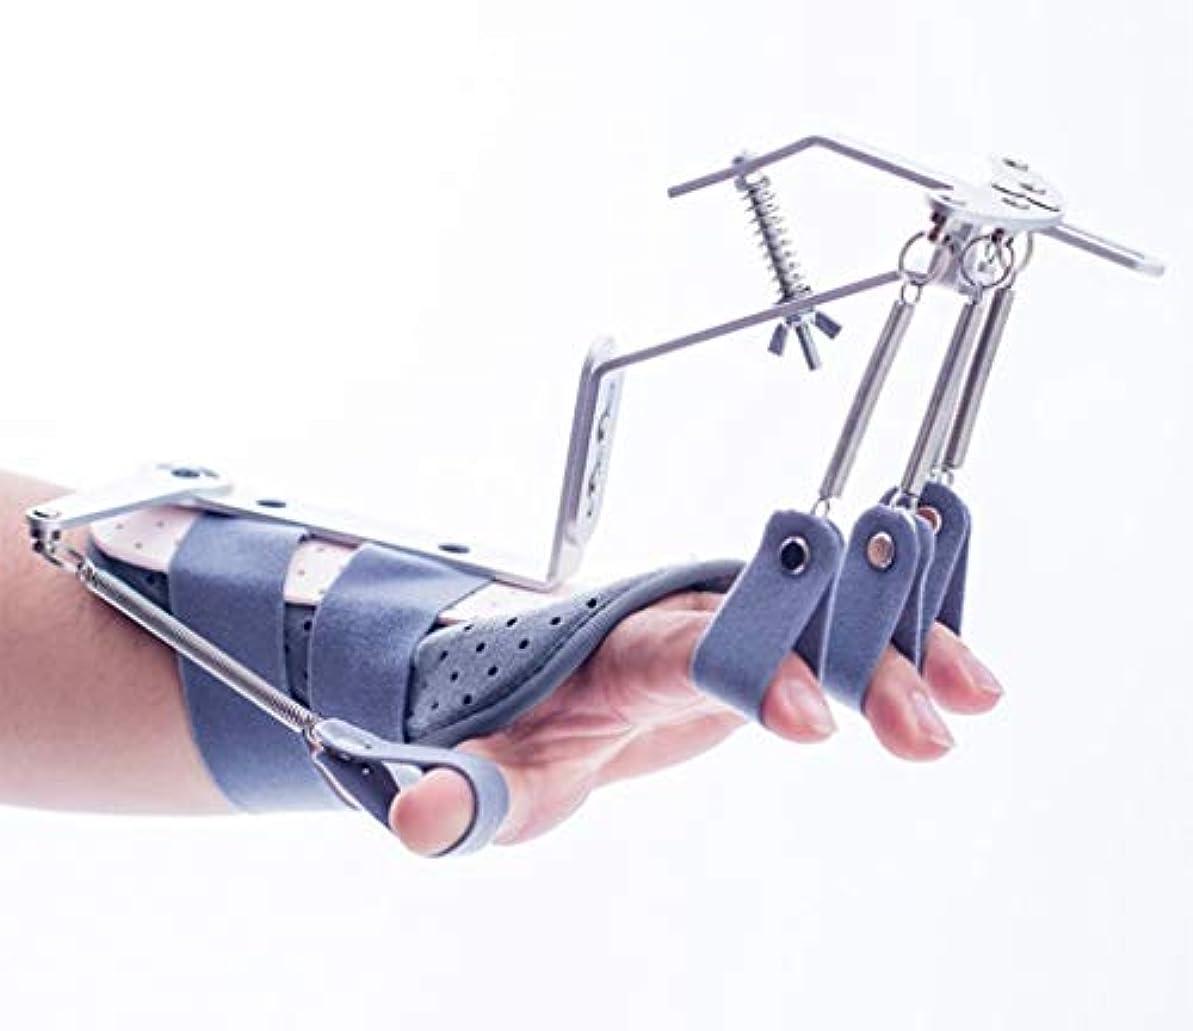 論理的にノイズダーリン手指装具 フィンガーエクササイザー機器 適切な 脳梗塞の場合 血栓症脳卒中部 片麻痺保護